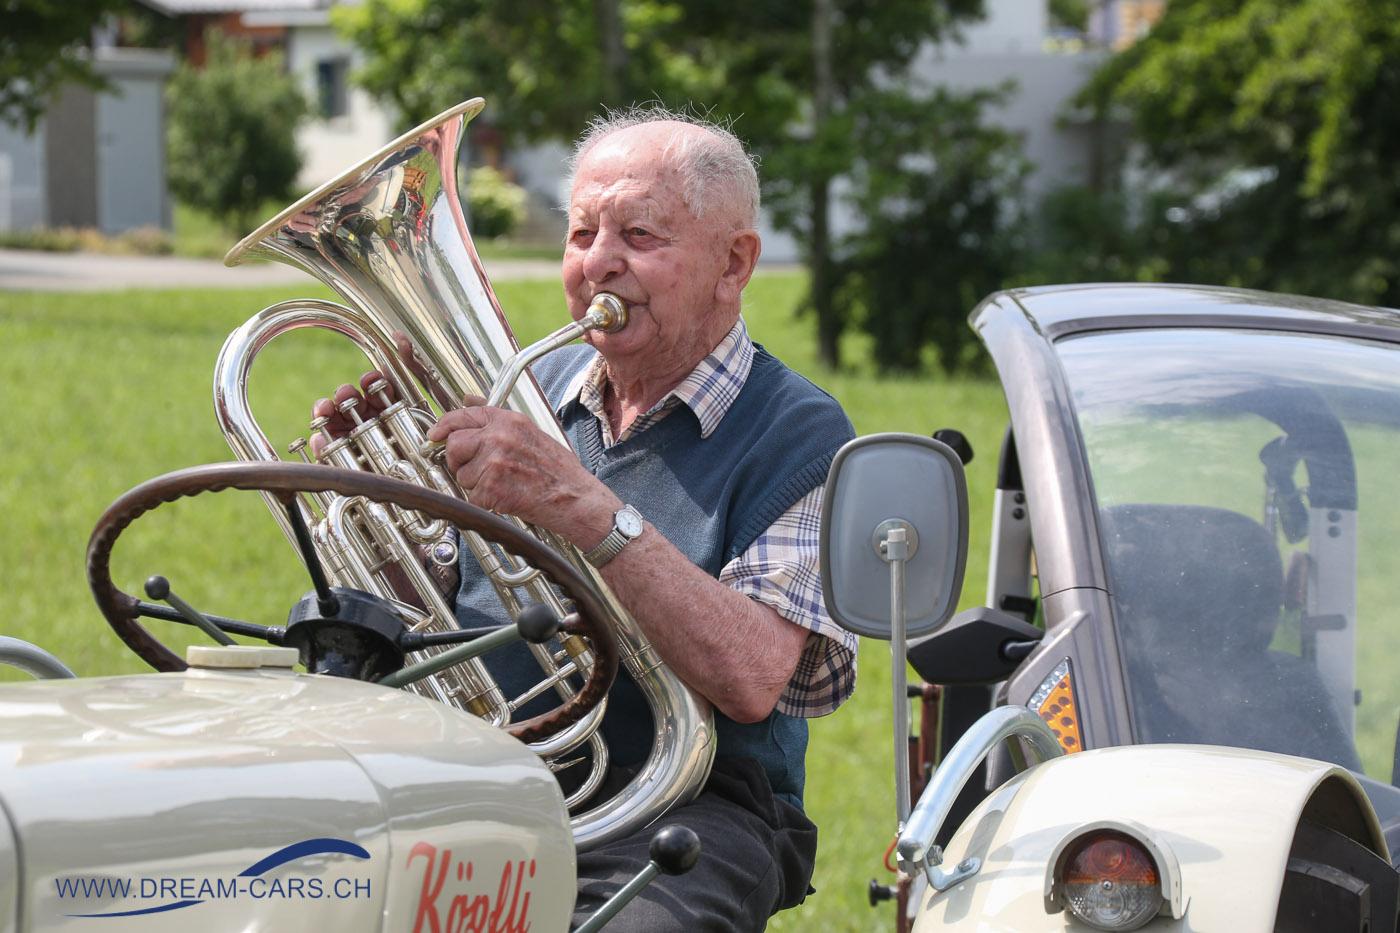 Oldtimertreffen Wängi, 17. Juni 2018. Auch für musikalische Unterhaltung ist gesorgt.